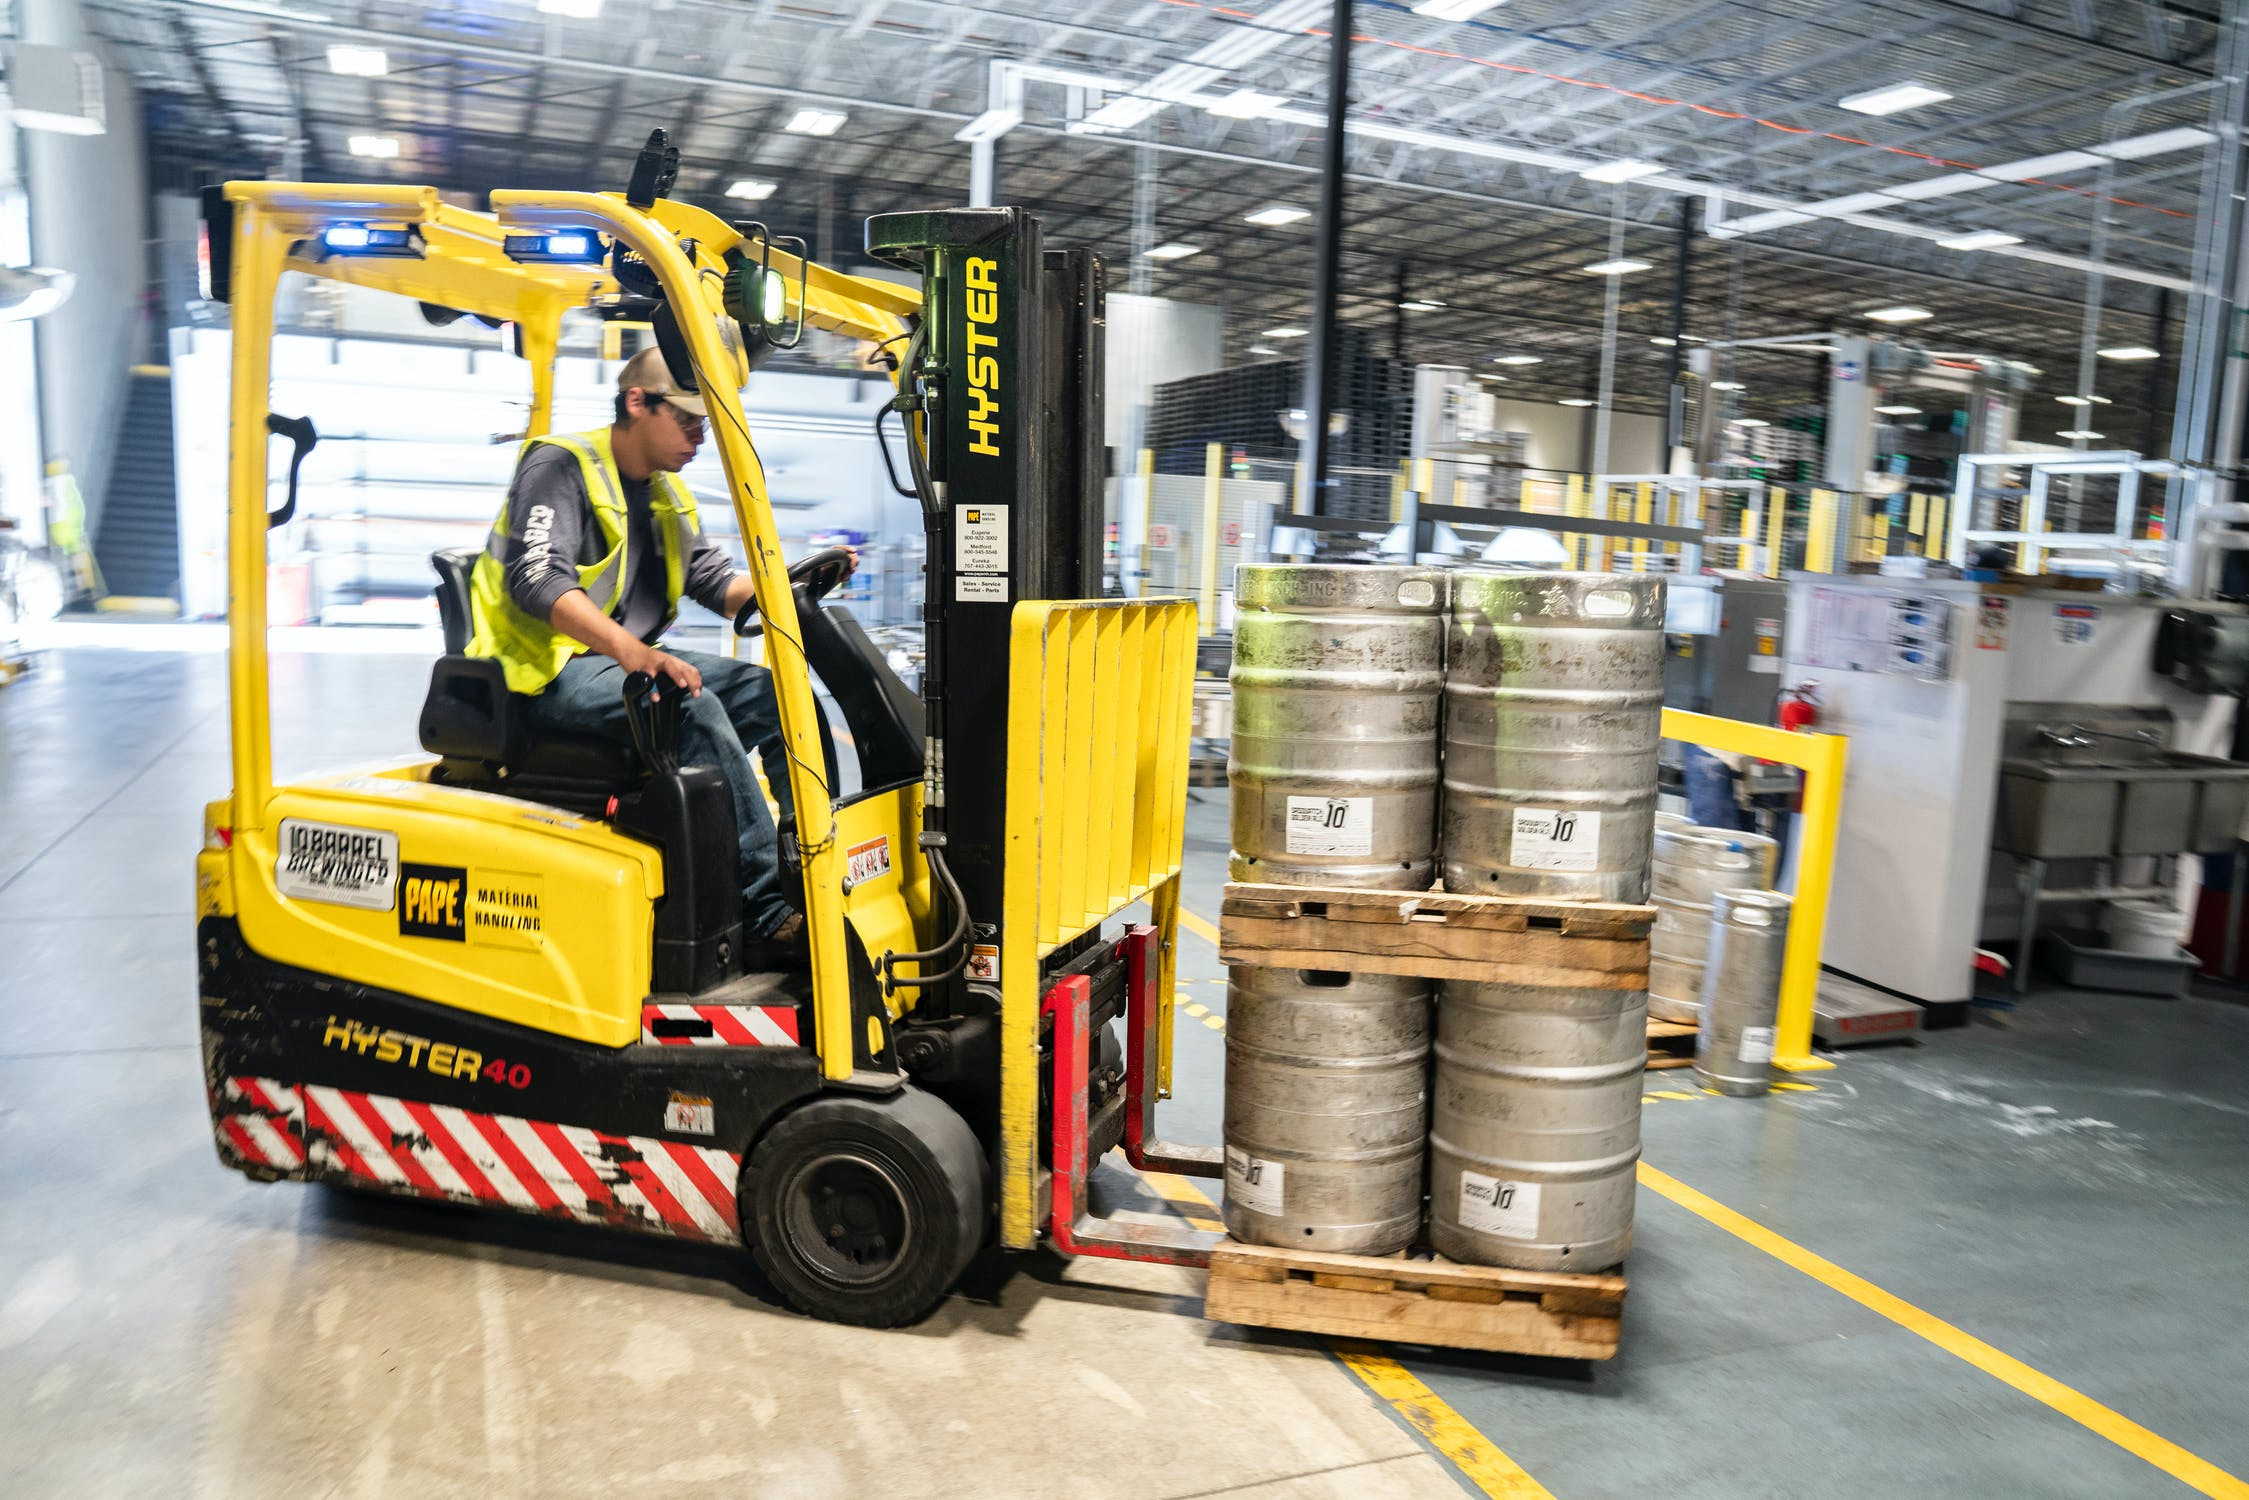 Gabelstapler mit Tonnen in einer Produktionsstätte